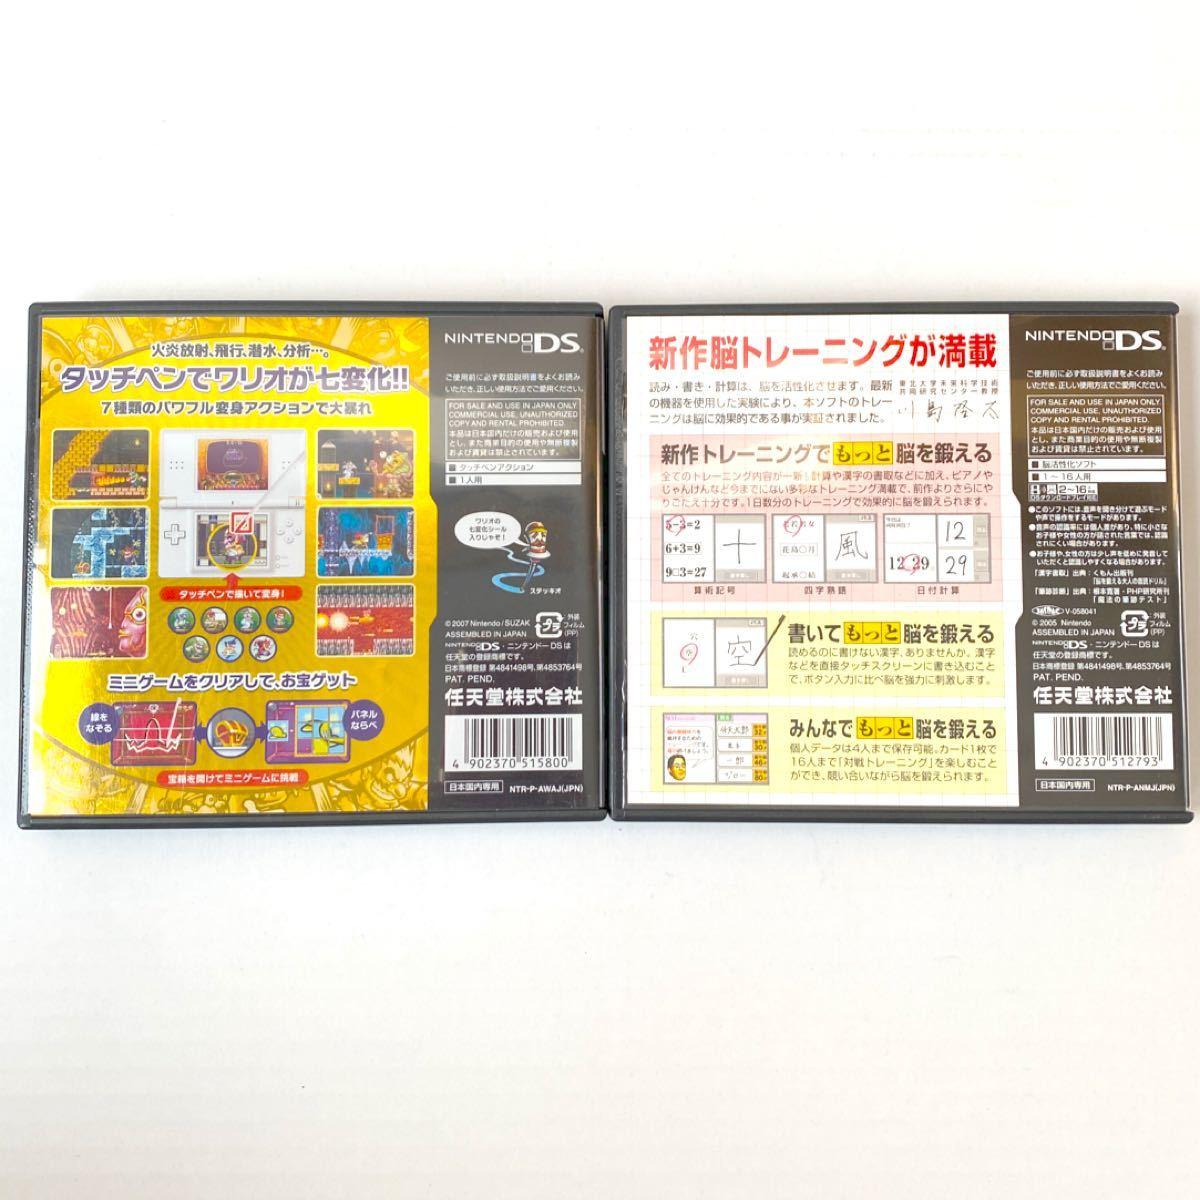 【動作確認済】ニンテンドーDS用ソフト セット